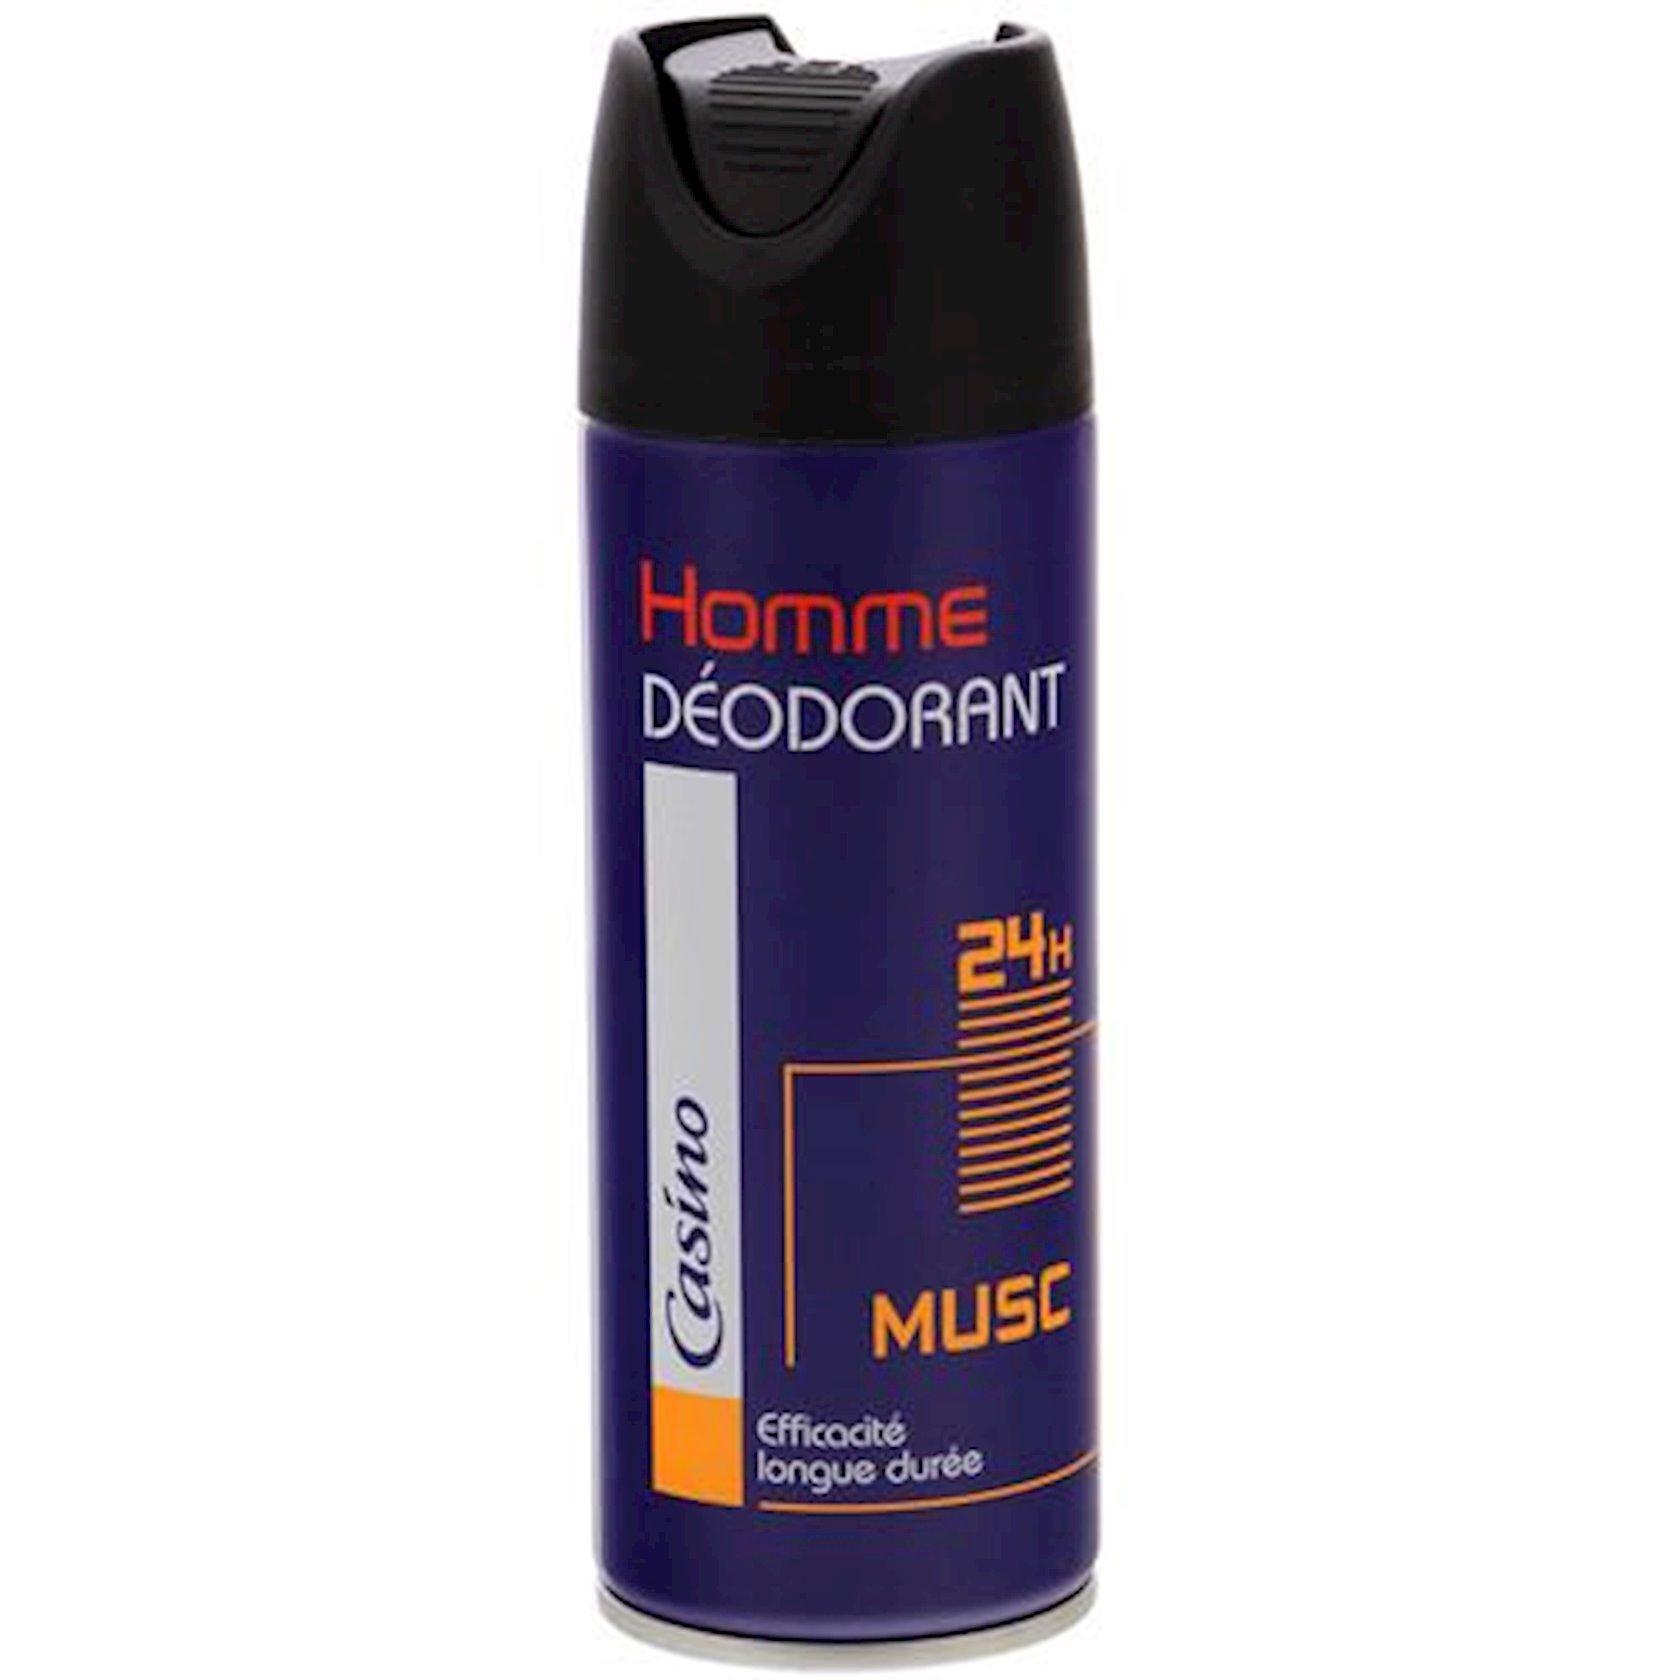 Kişilər üçün dezodorant  Man 24h Musk Deodorant